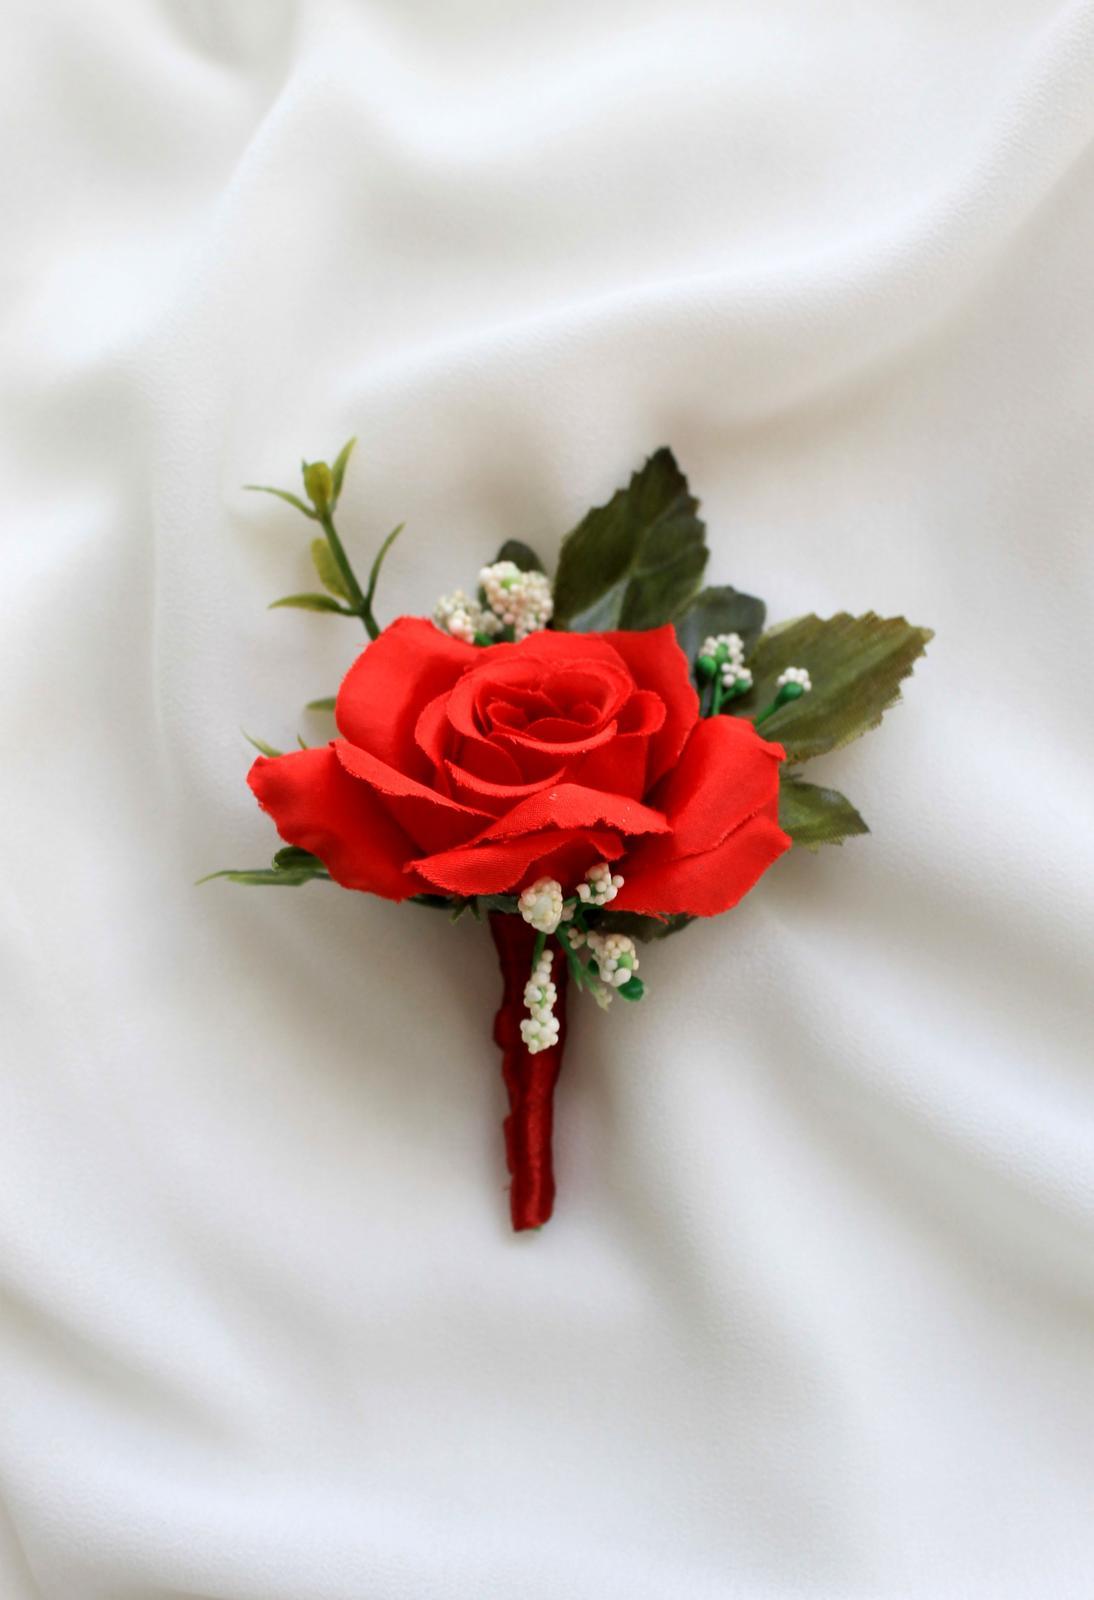 Pierko pre ženícha / svedka - červená ruža - Obrázok č. 1